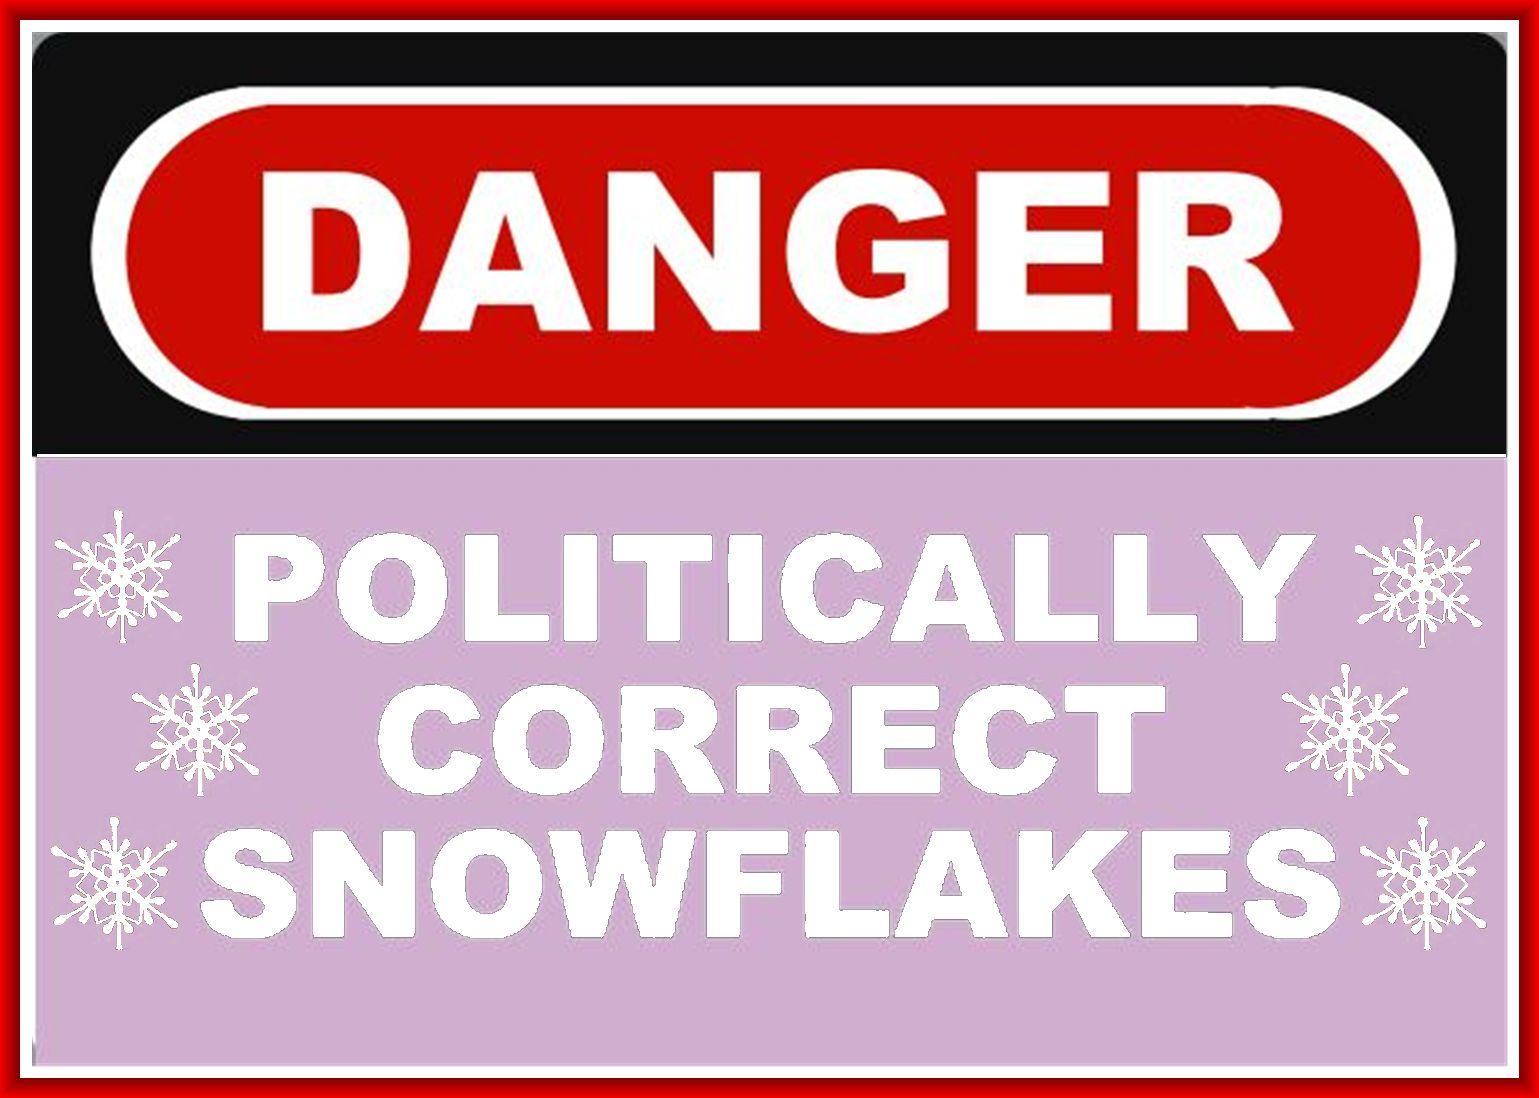 Am I Next? Job Loss, Political Correctness Snowflakes